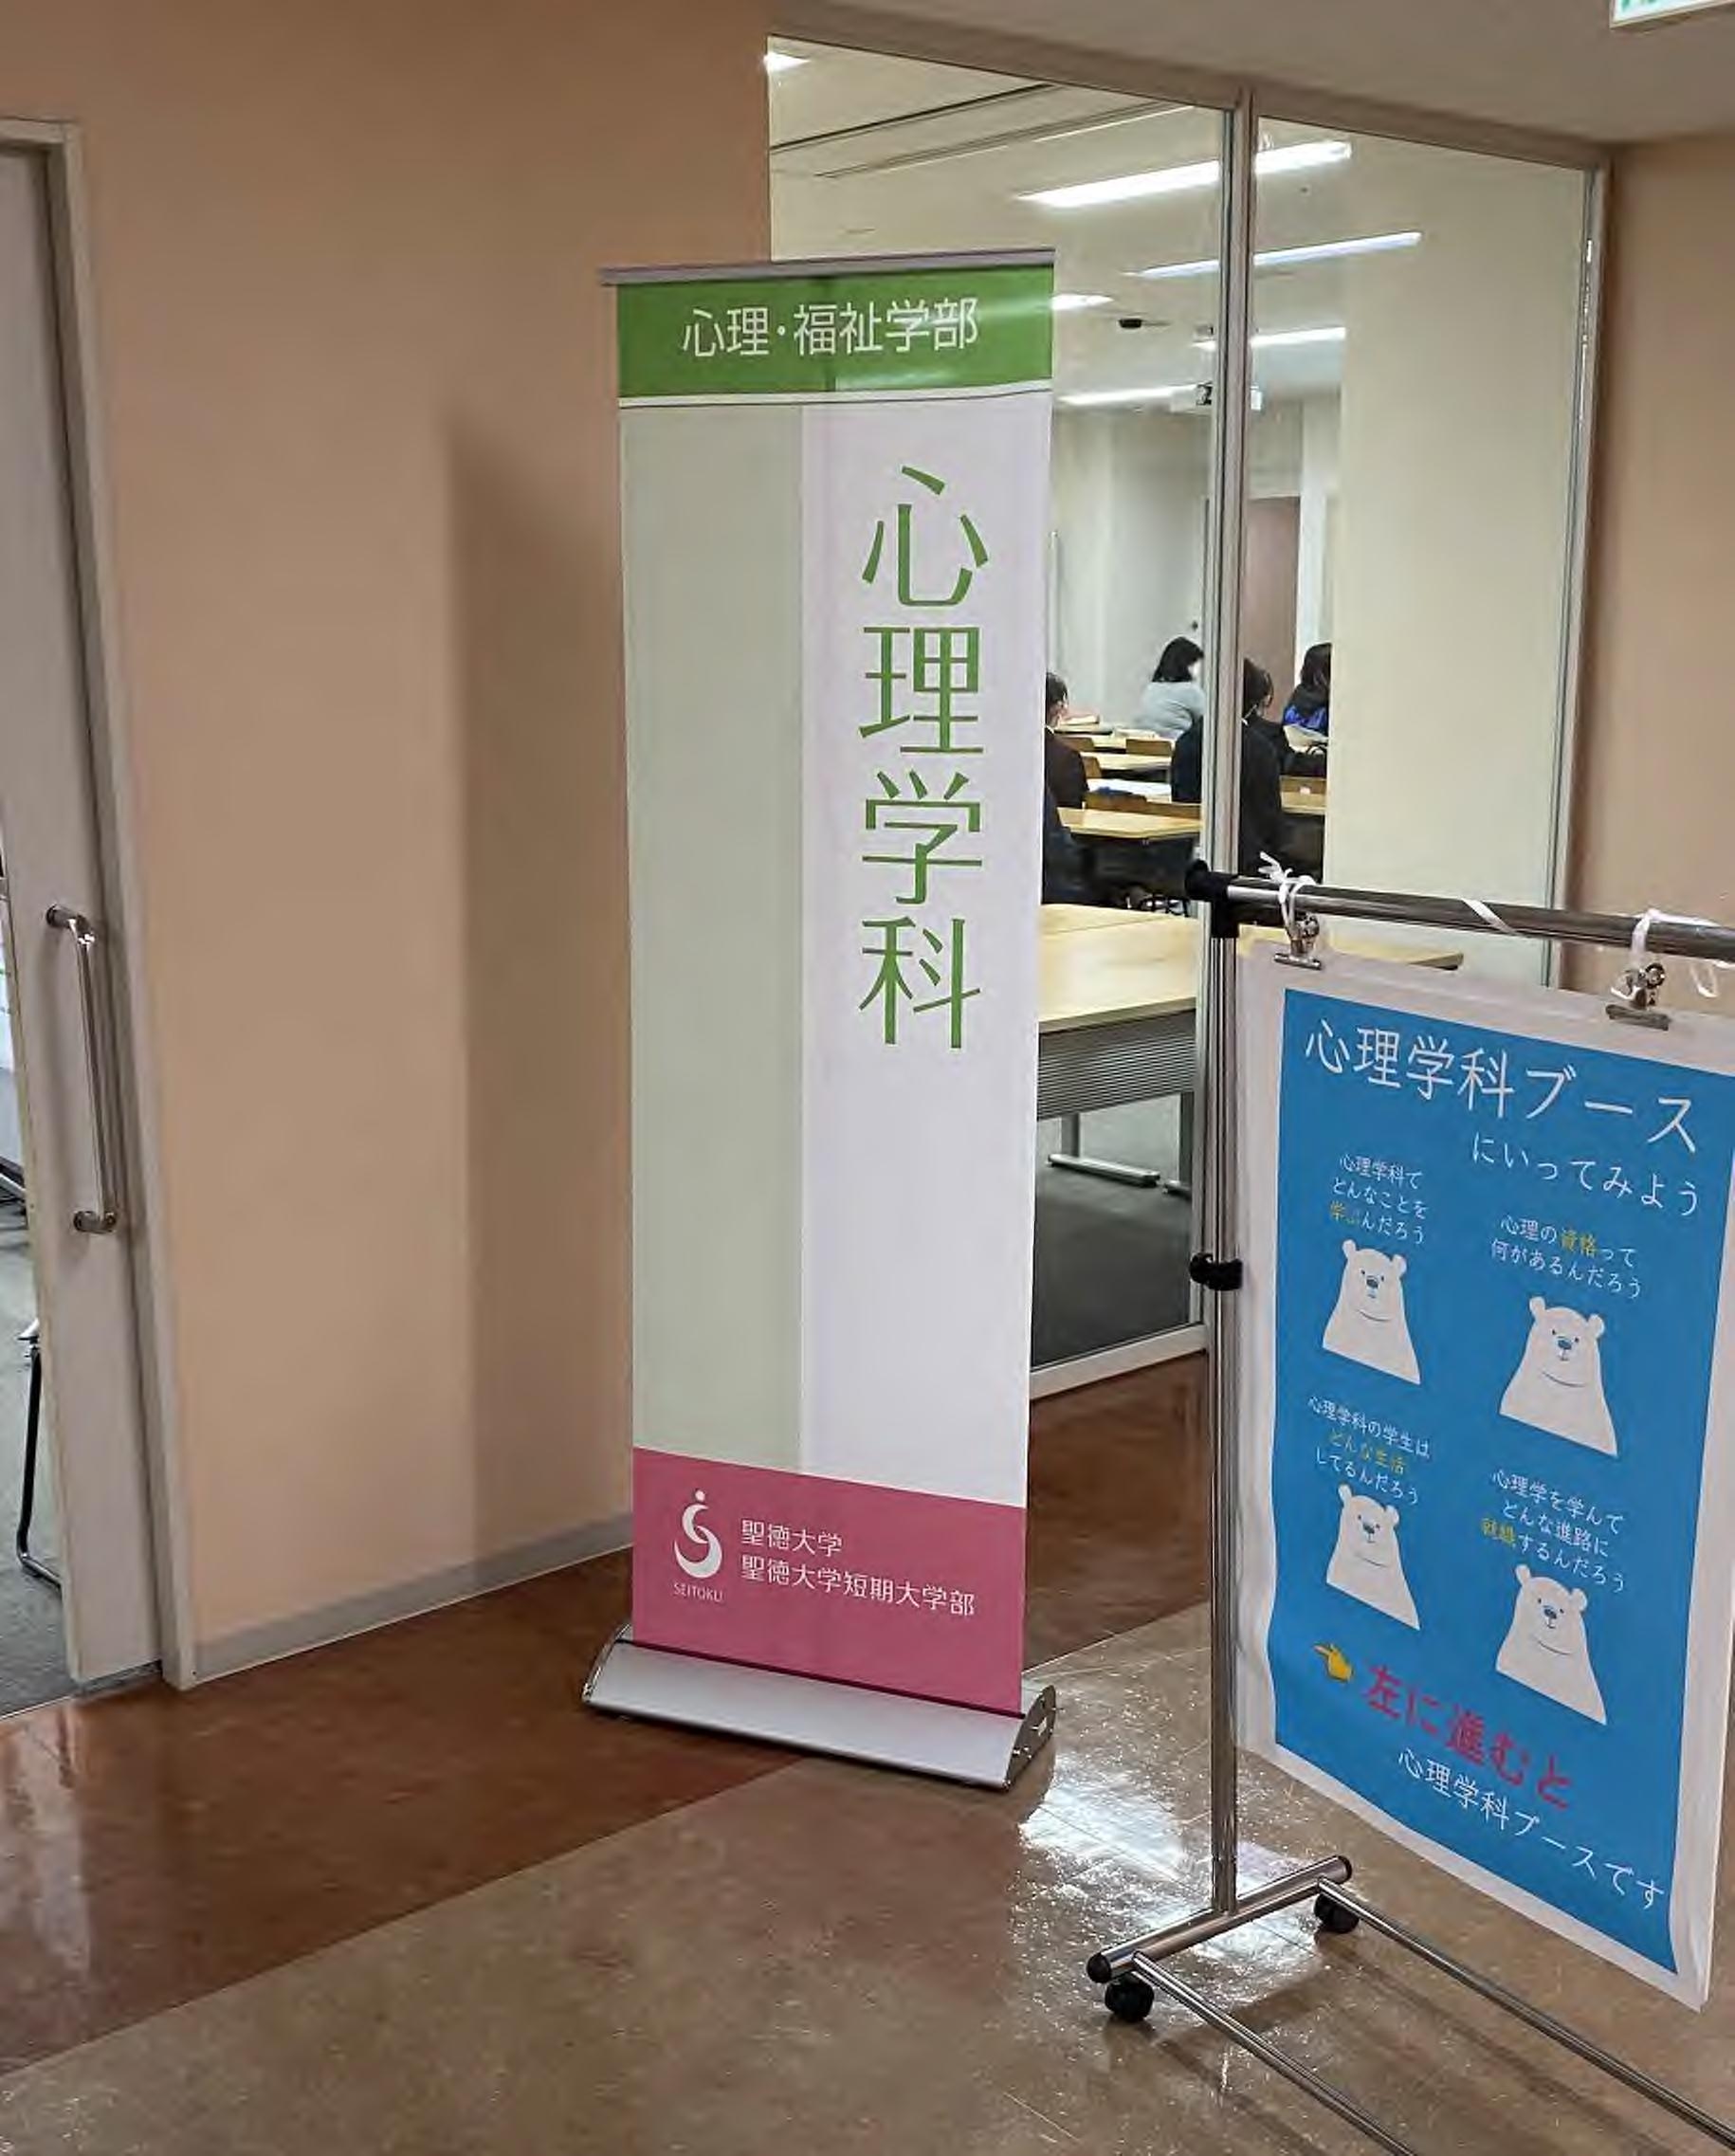 3月20日にオープンキャンパスを開催いたしました。